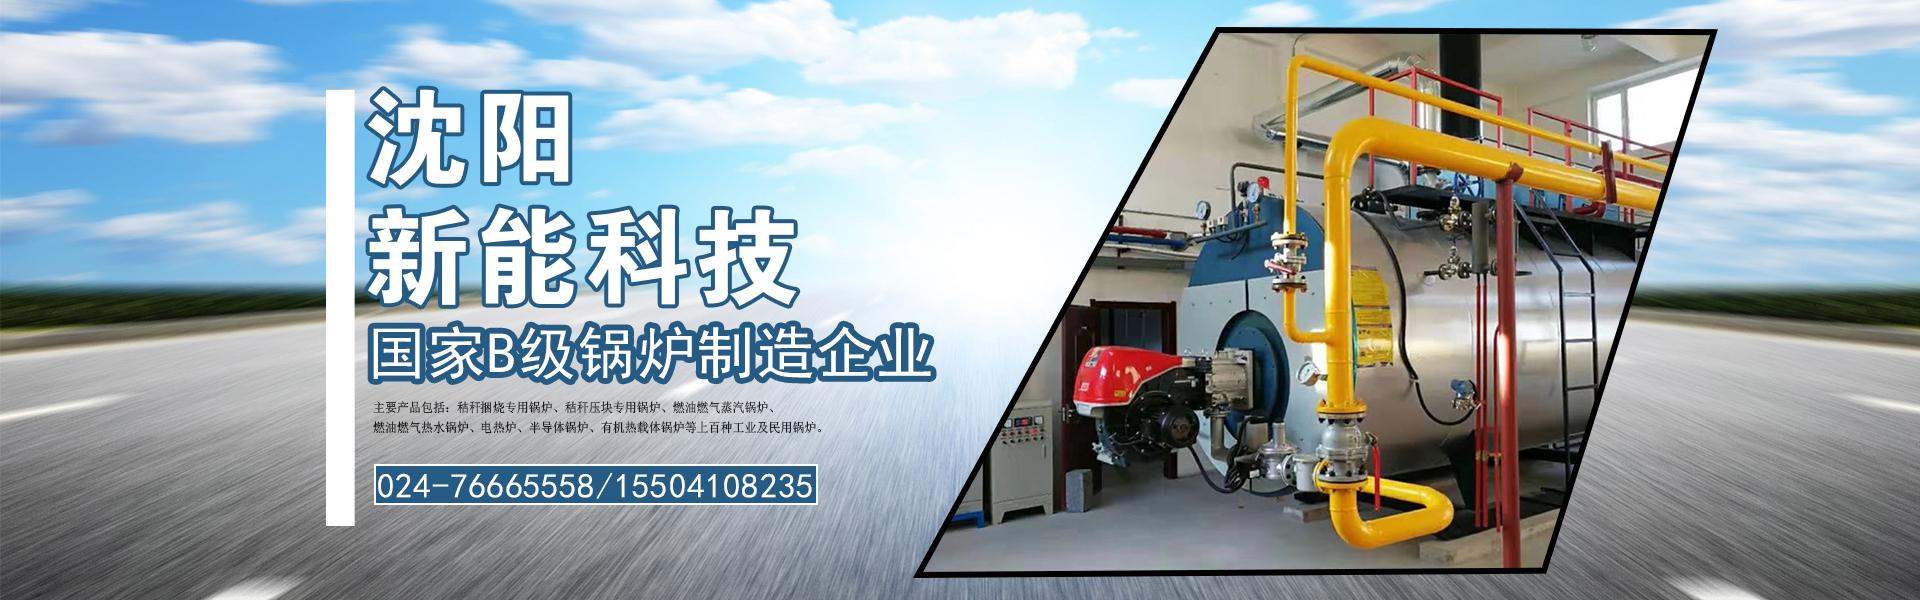 沈阳燃气锅炉,沈阳模块锅炉,沈阳电锅炉,沈阳燃气锅炉生产厂家,沈阳燃气锅炉安装维修